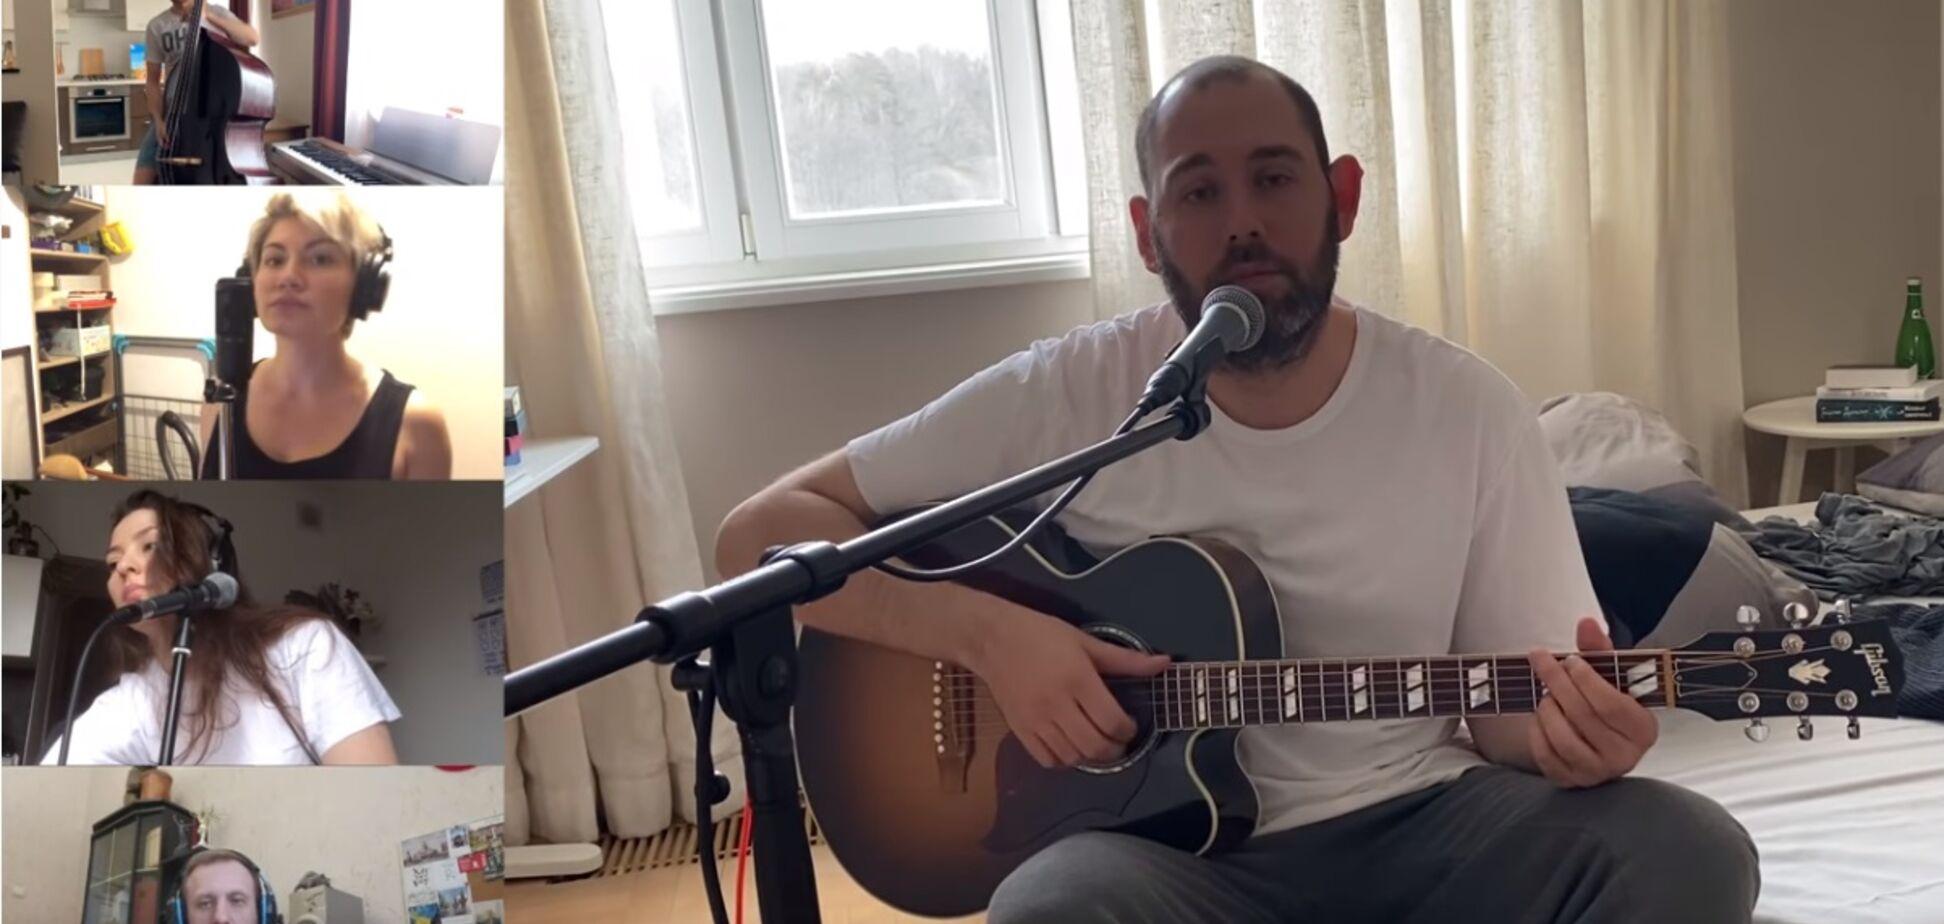 Семен Слепаков написал матерную песню о коронавирусе: 'Ср*ный вирус, отъ***сь!'. Видео